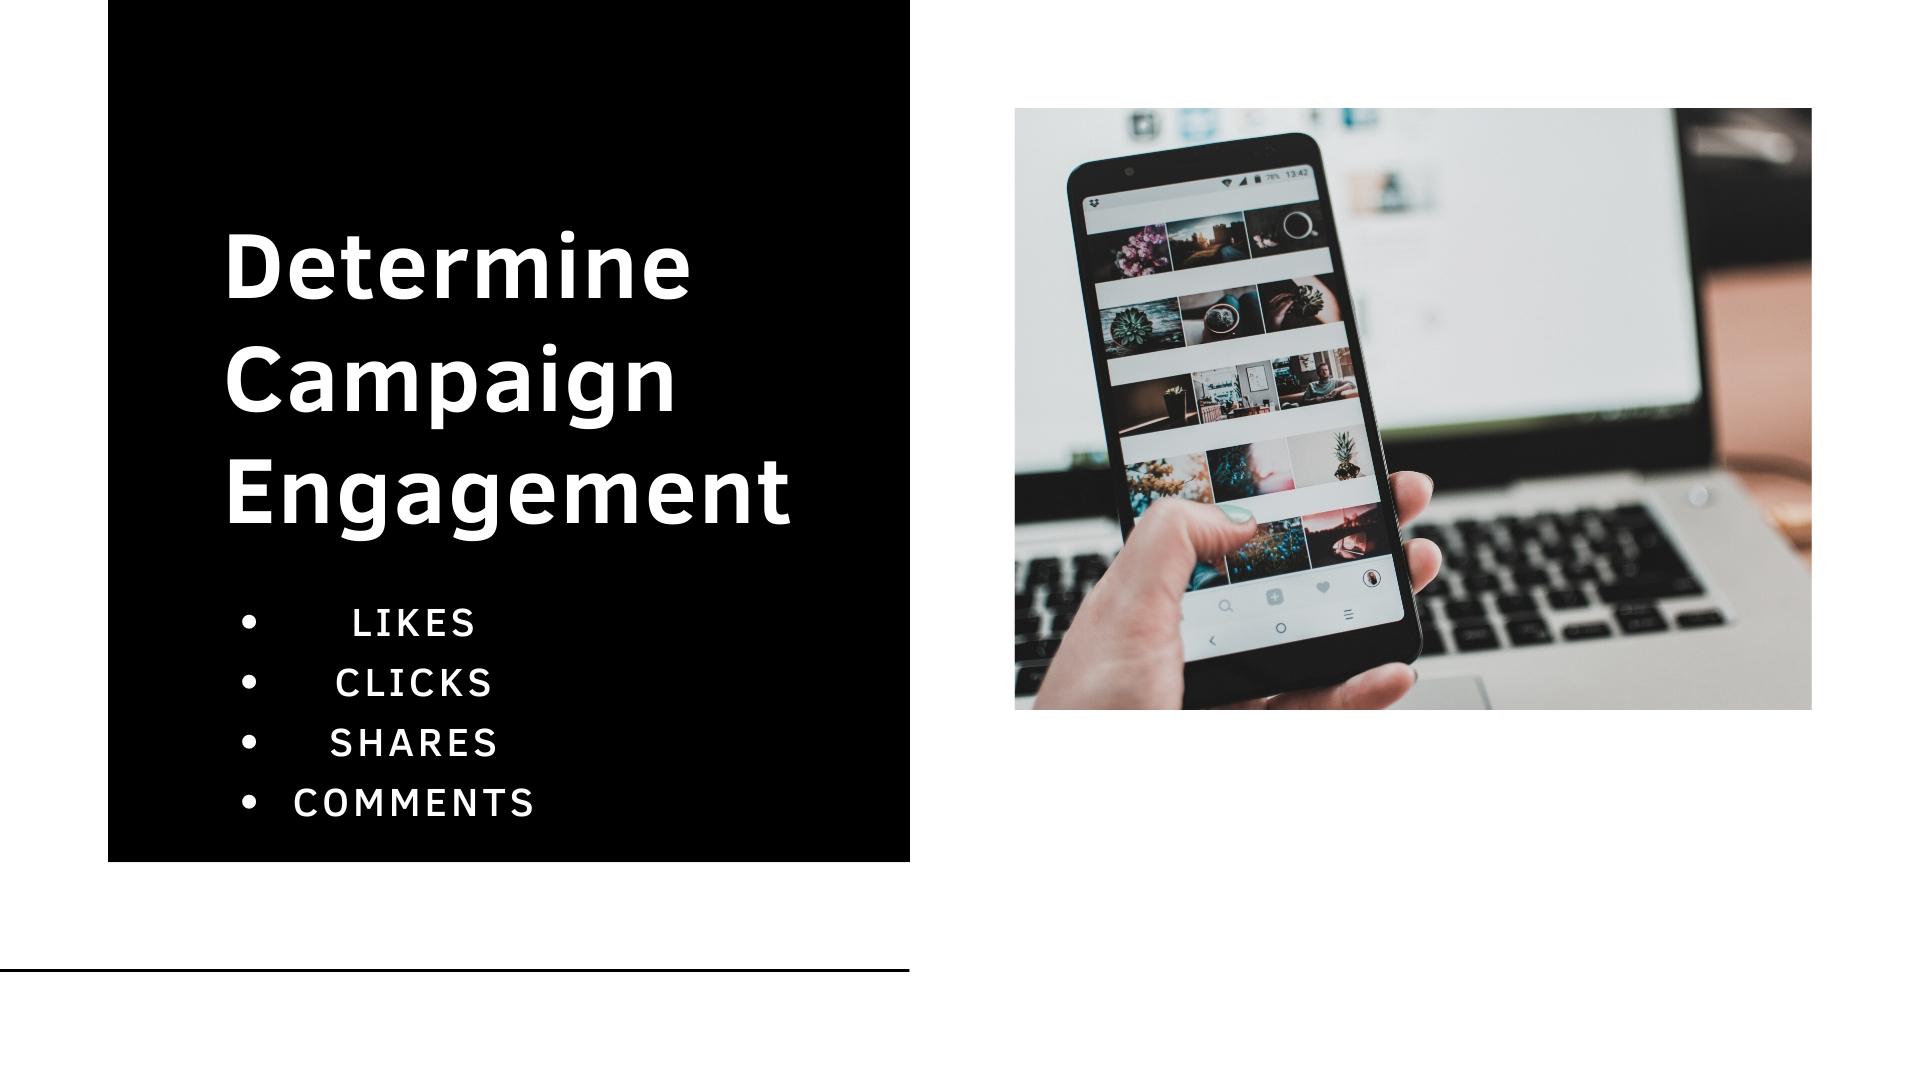 Determine Campaign Engagement